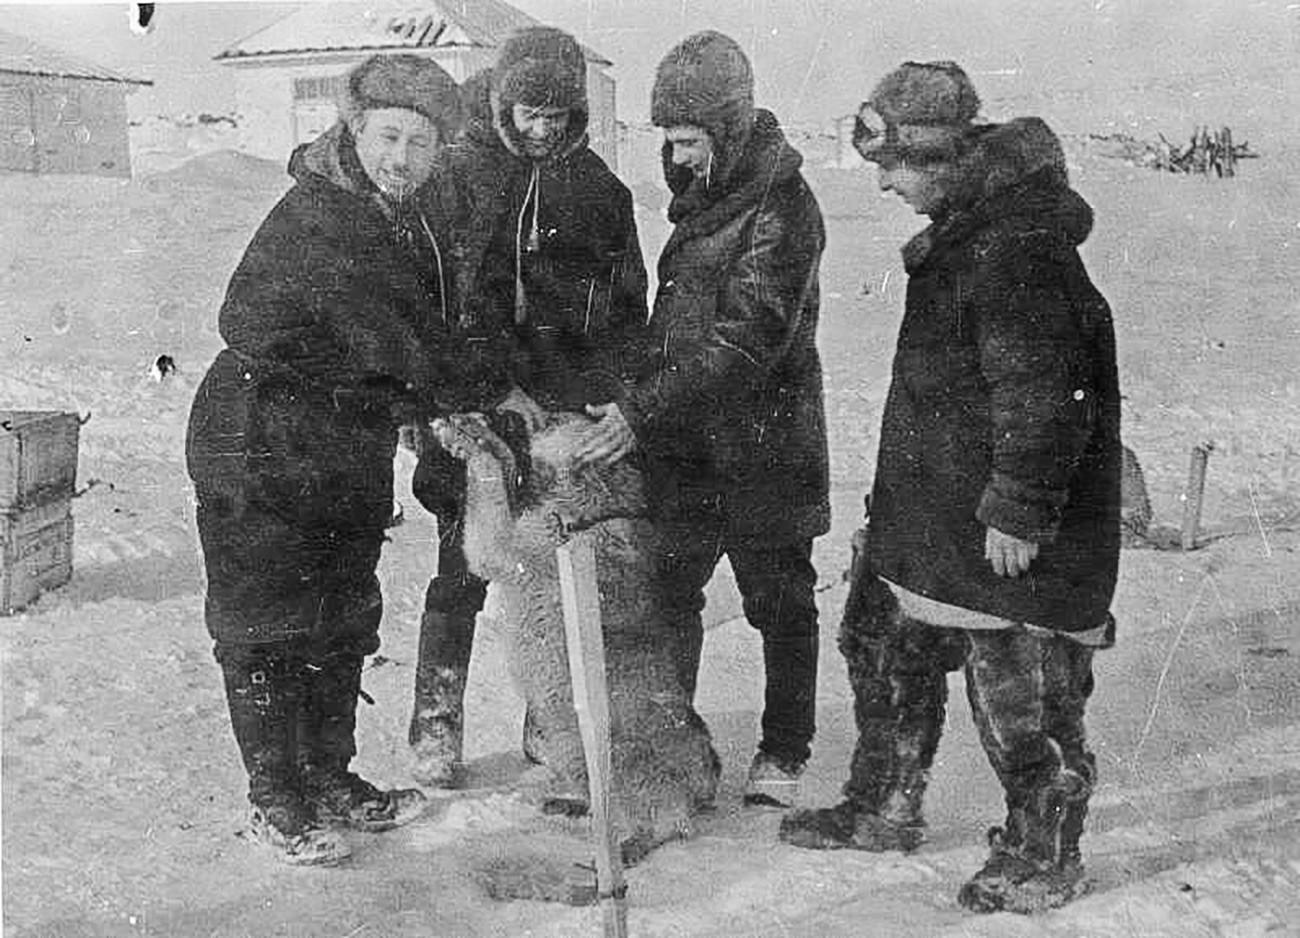 """Експедиција се искрцала на лед 21. маја 1937. Плутајућа станица """"Северни пол 1"""" званично је отворена 6. јуна 1937. Пети """"члан посаде"""" је била поларна лајка, пас по имену Весели."""